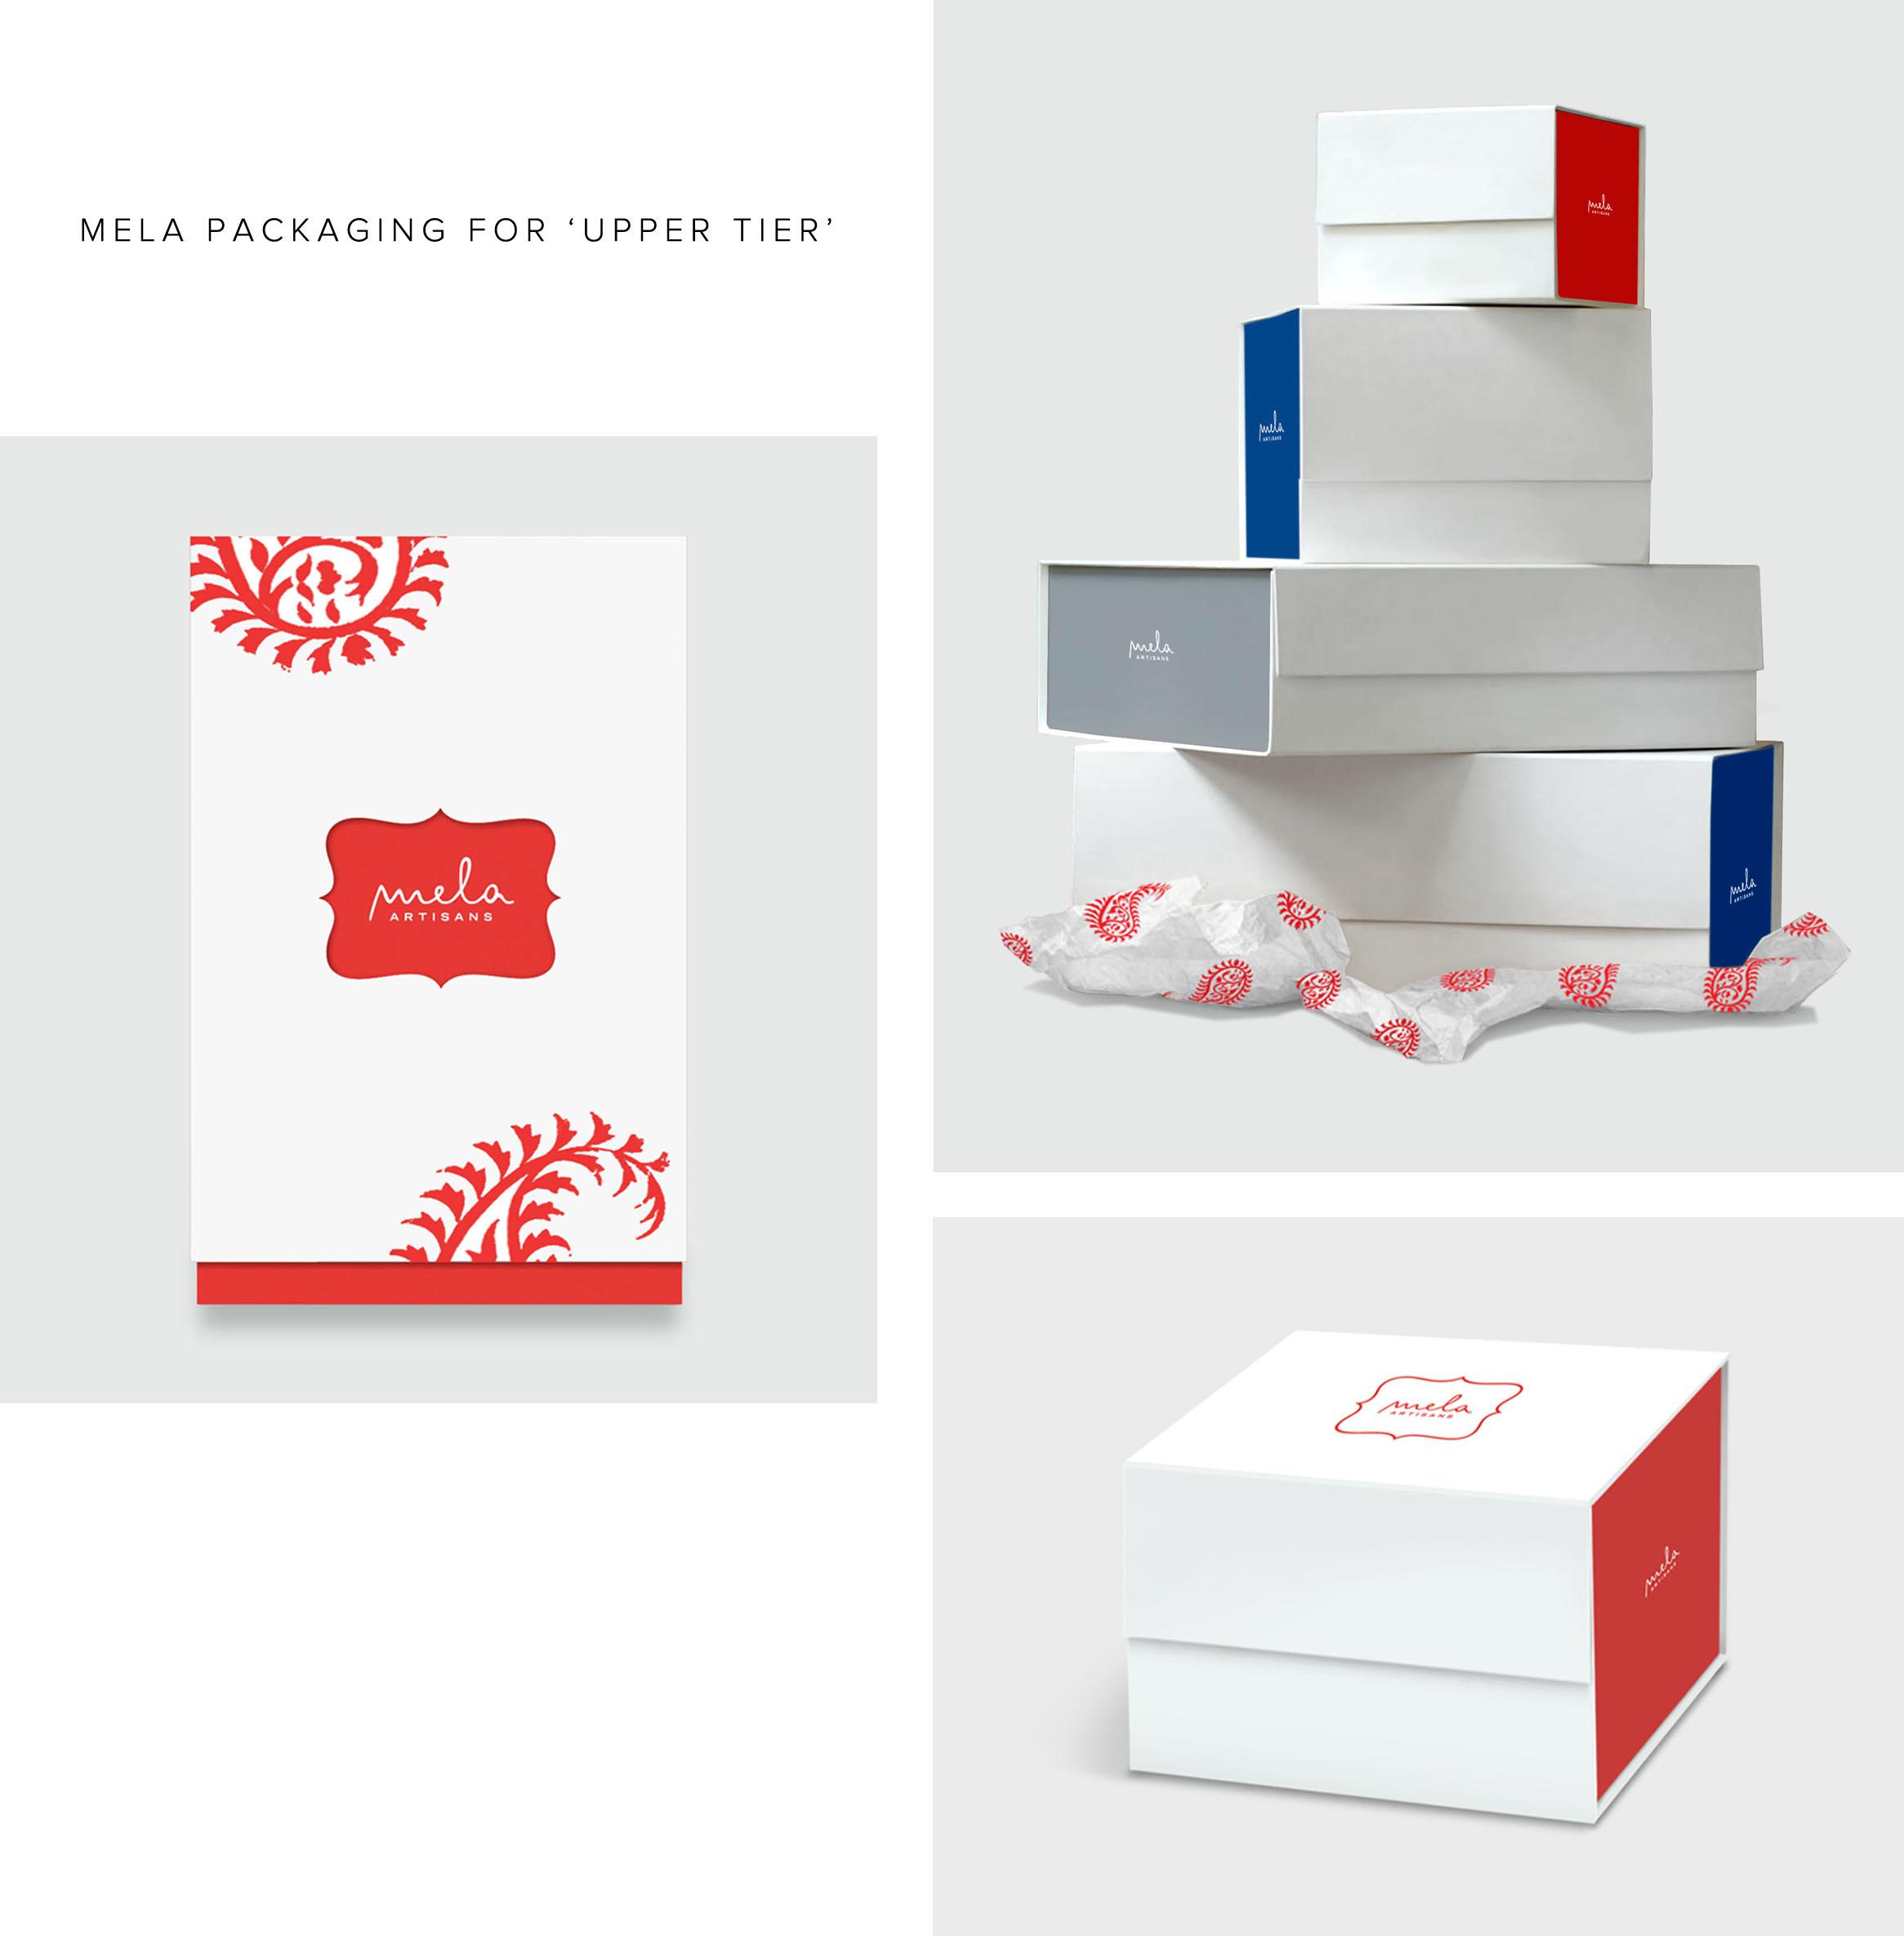 melaartisans_packaging_tier1.jpg